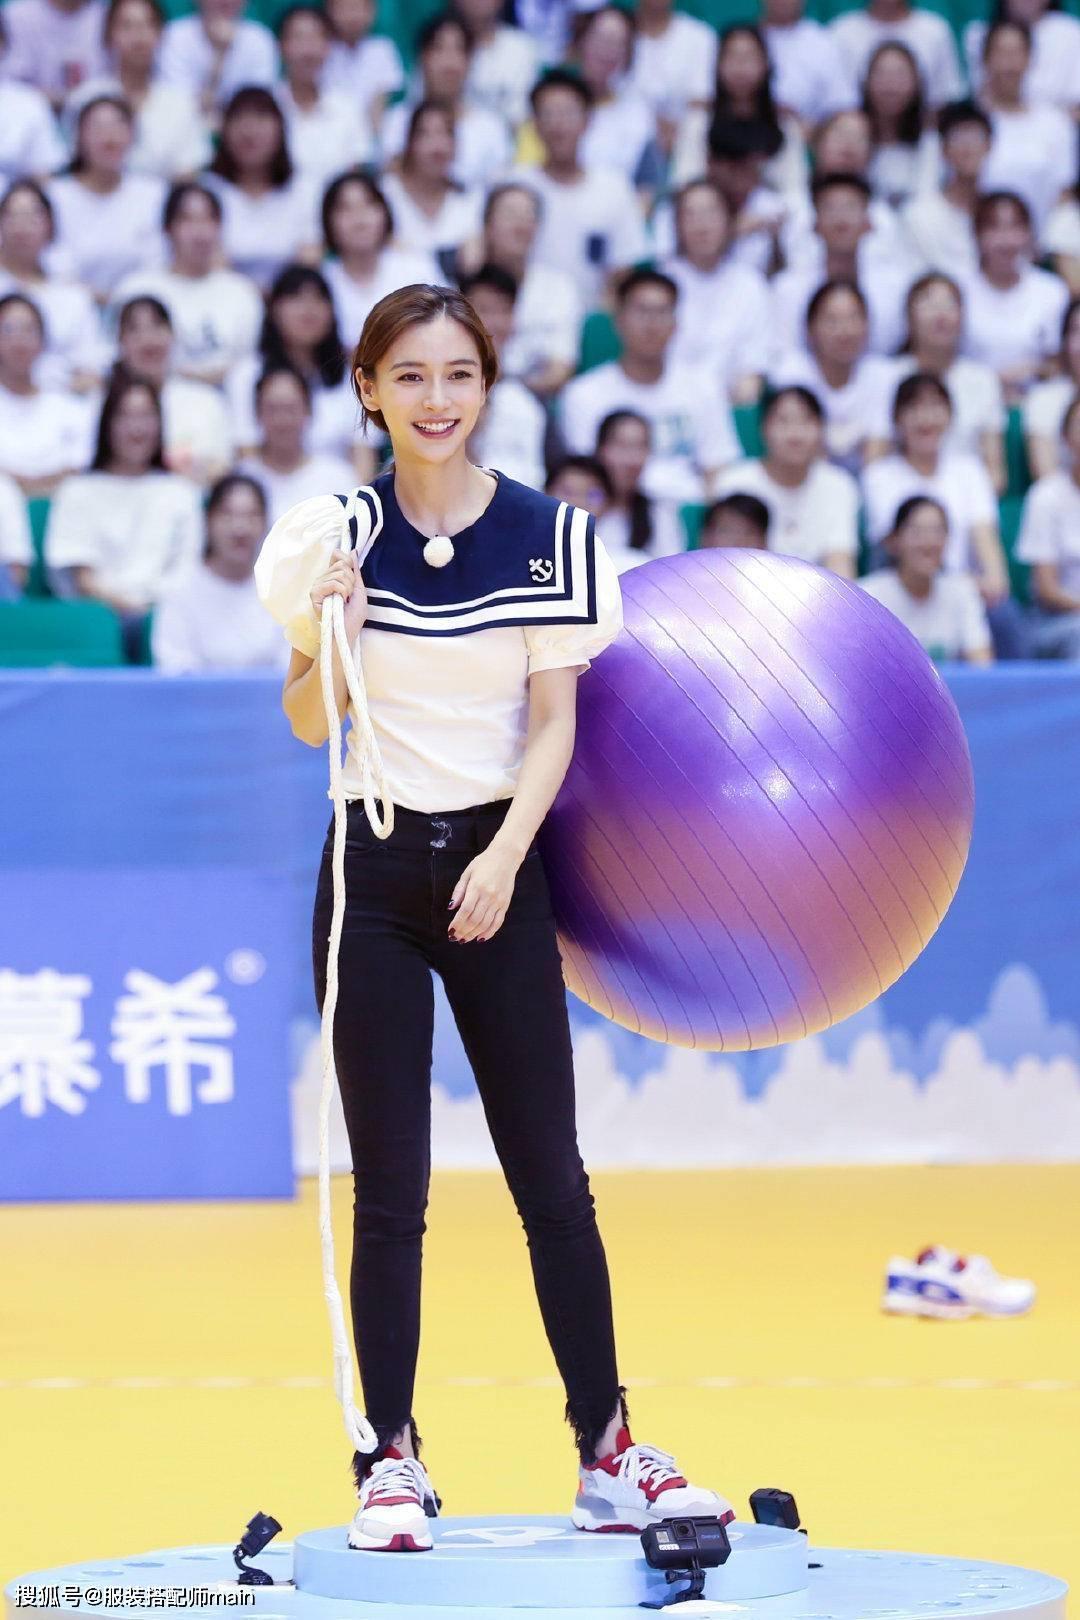 31岁杨颖穿水手服显活力,漫画腿配紧身裤实力抢镜,这身材绝了